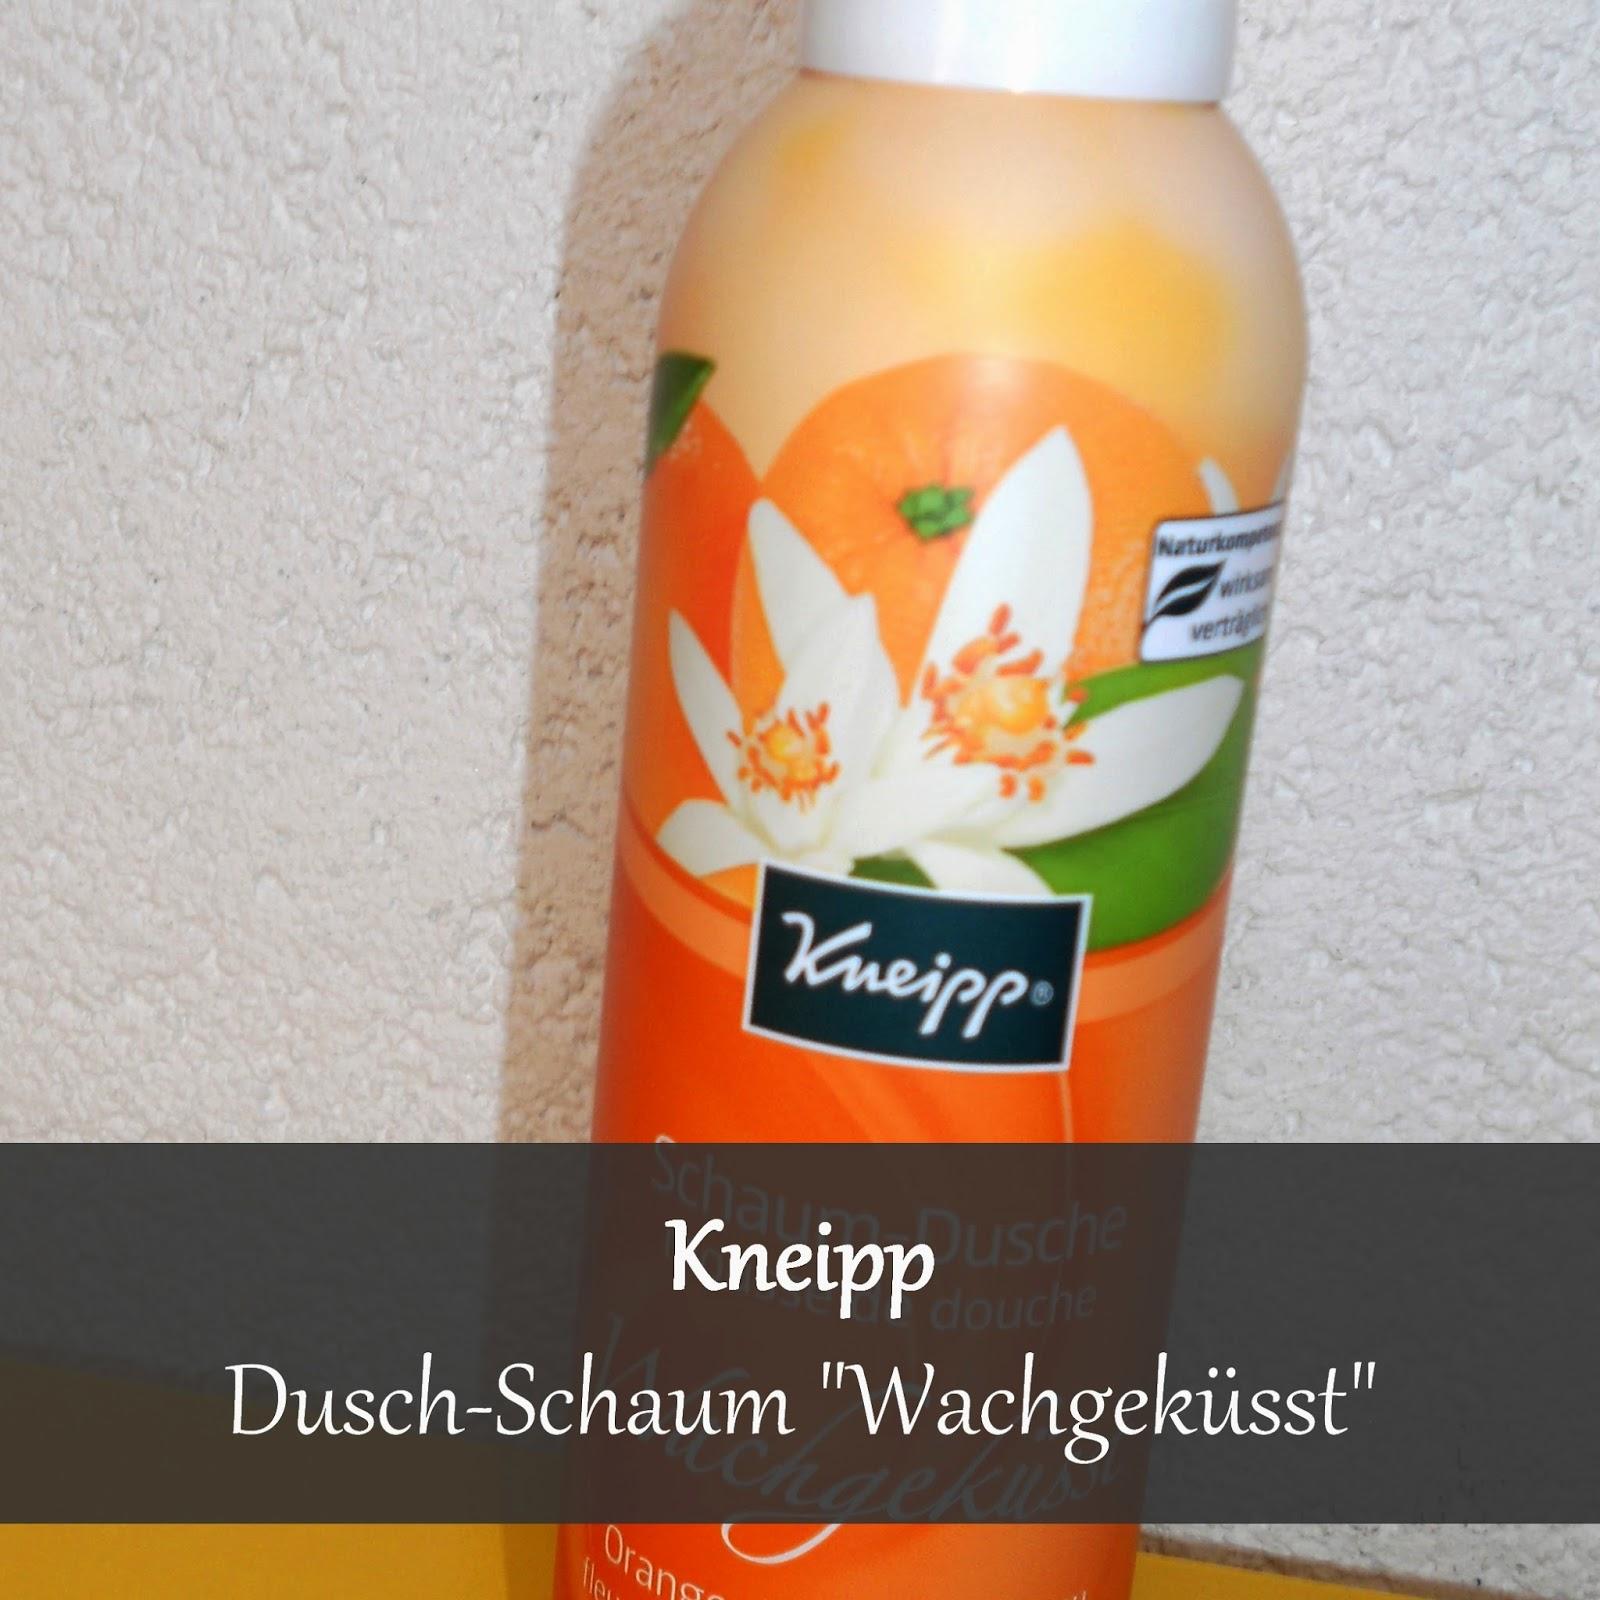 http://kleines-schmuckstueck.blogspot.de/2014/06/kurzreview-kneipp-wachgekusst-schaum.html